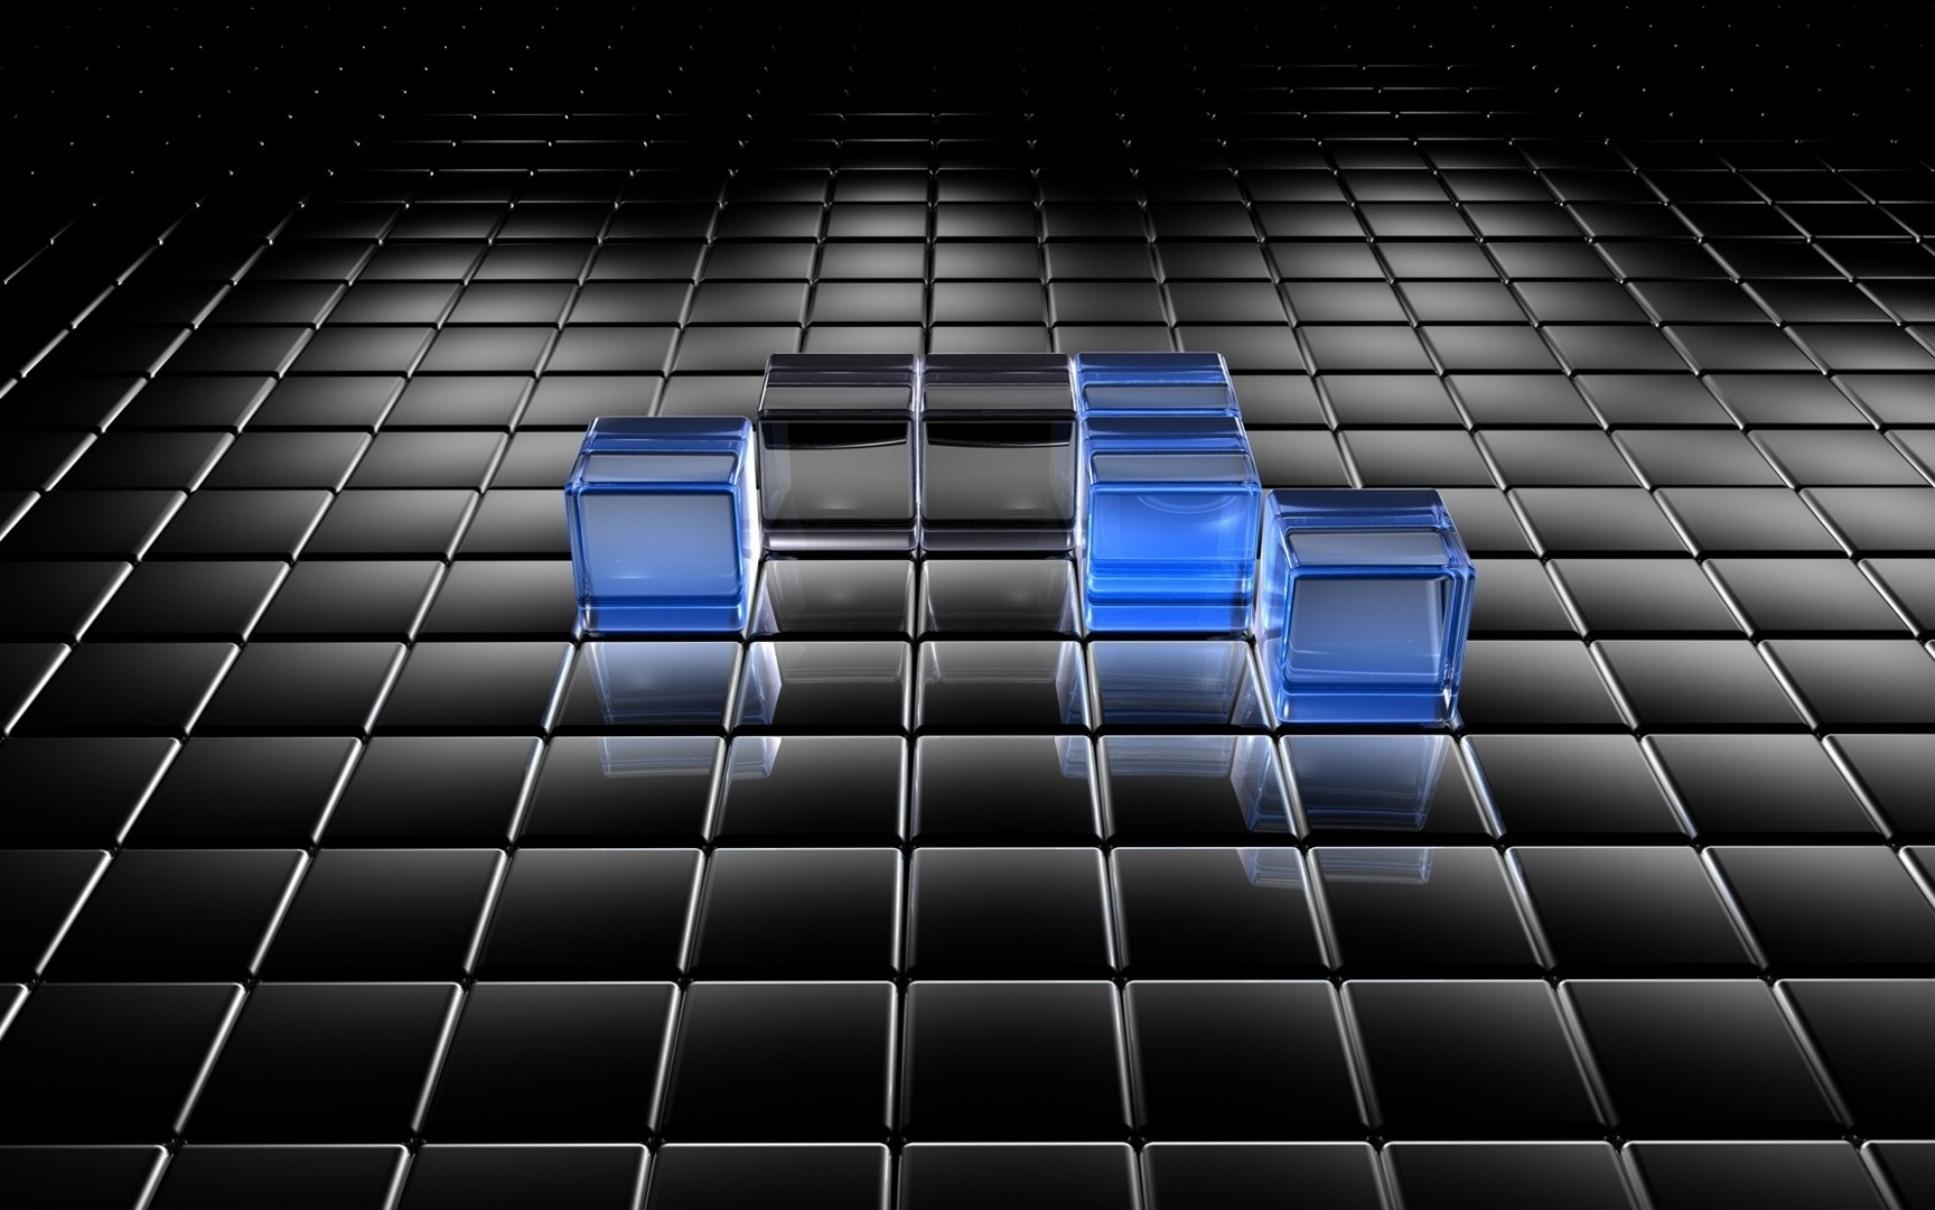 Квадраты фигуры свет блоки  № 3670745 без смс